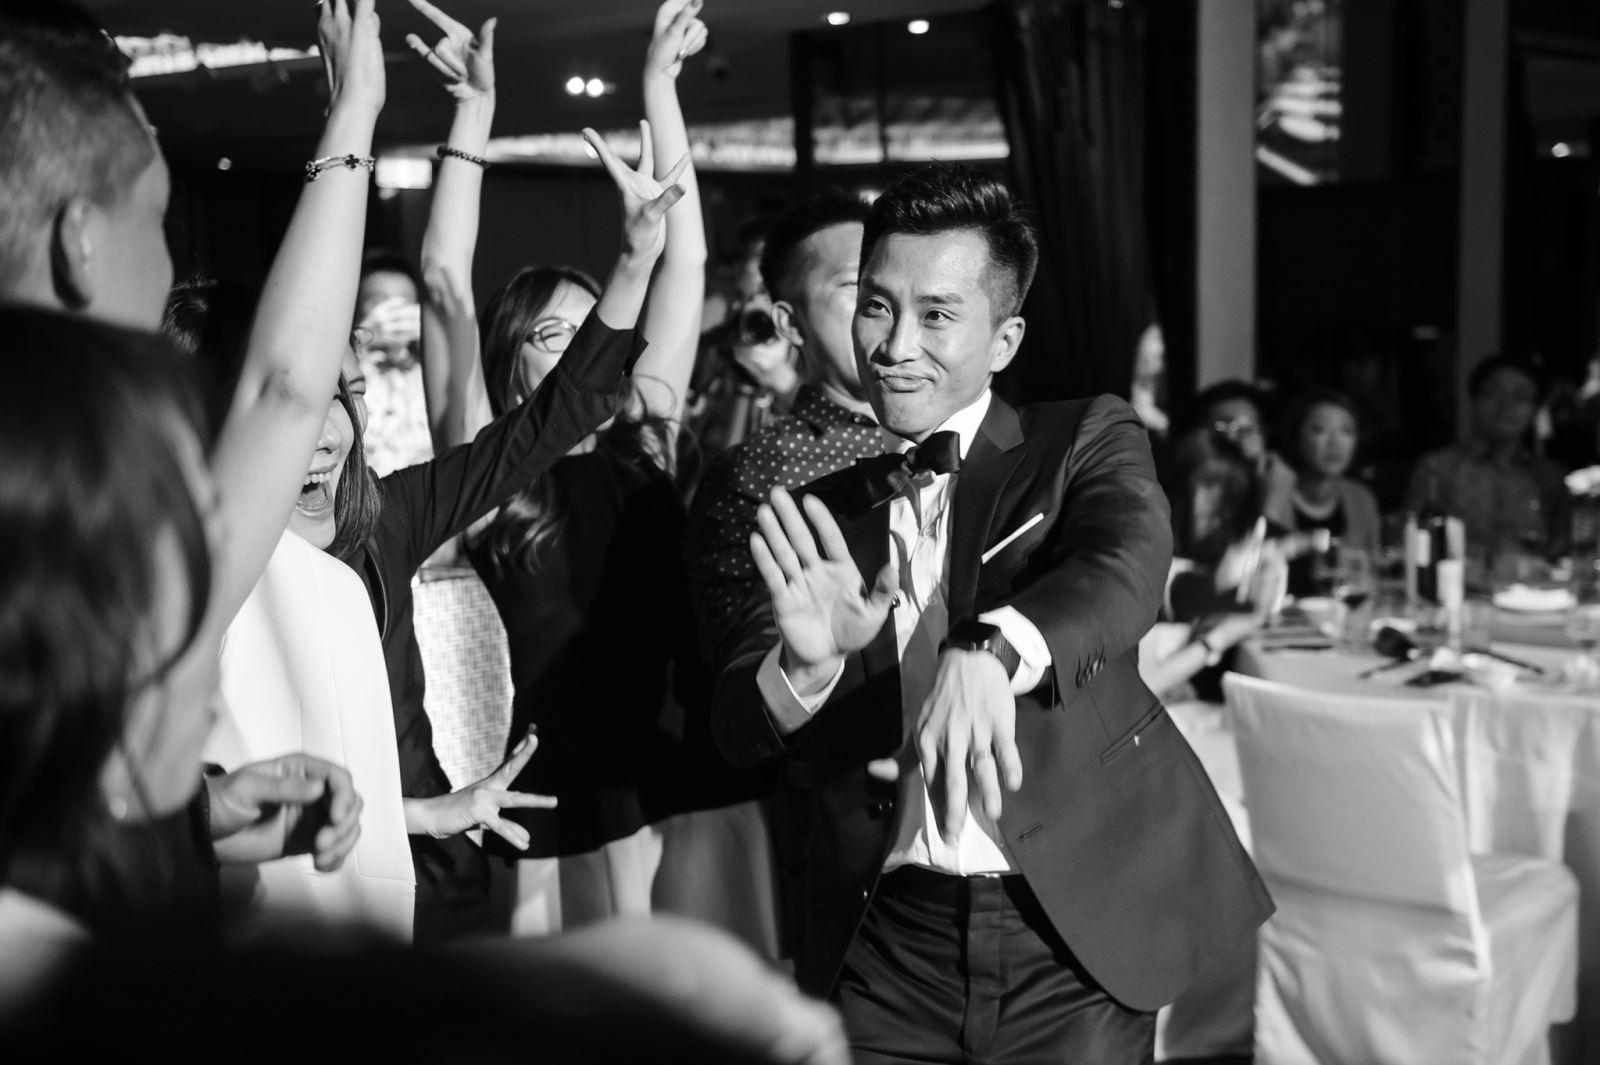 晶華酒店辦婚禮,新郎很投入在婚禮上